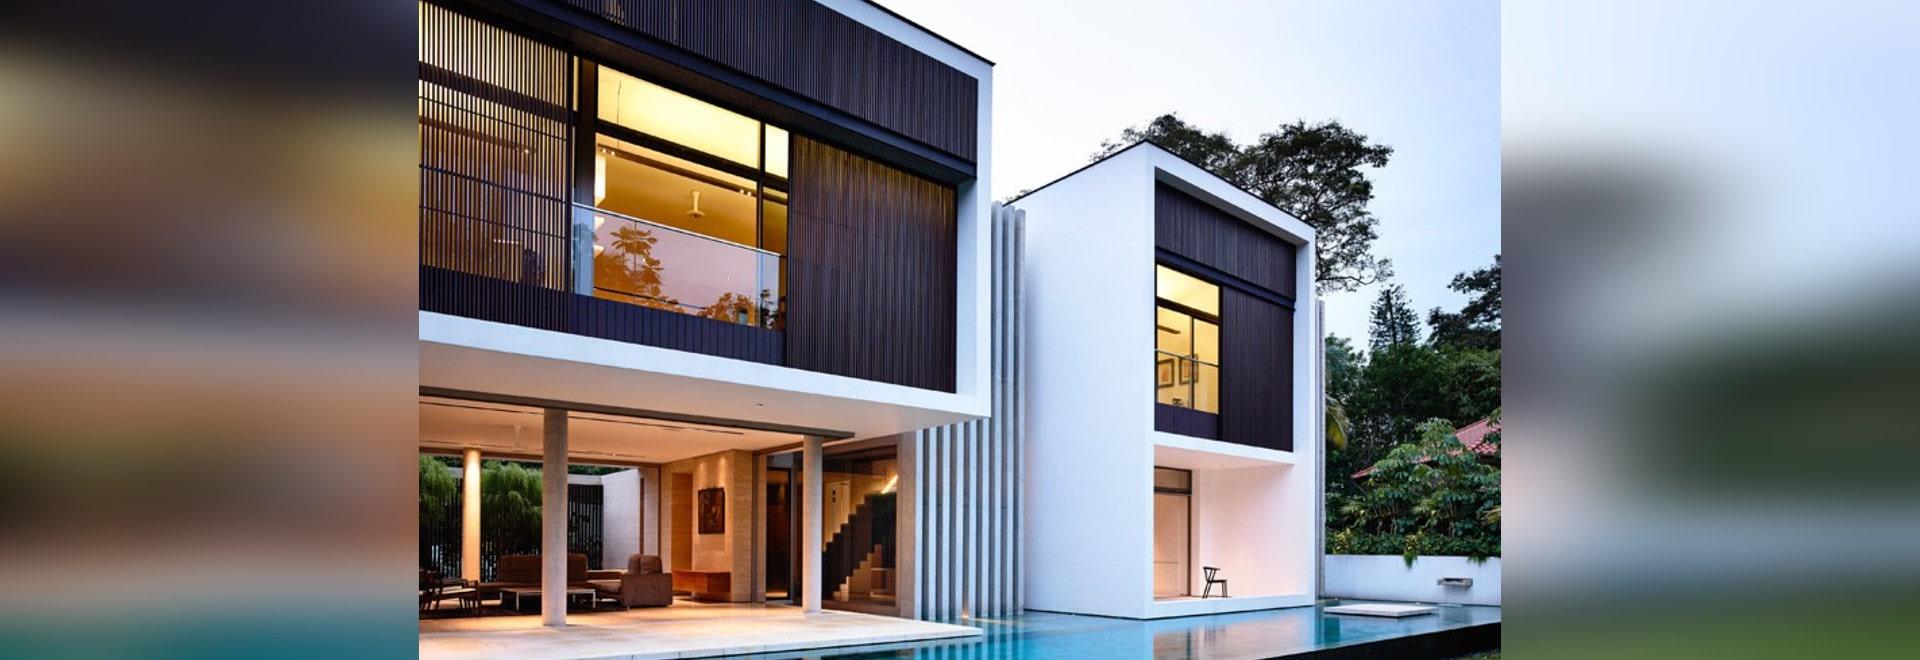 Ein zeitgenössischer Zusatz und gestalten für ein Haus in Singapur ...